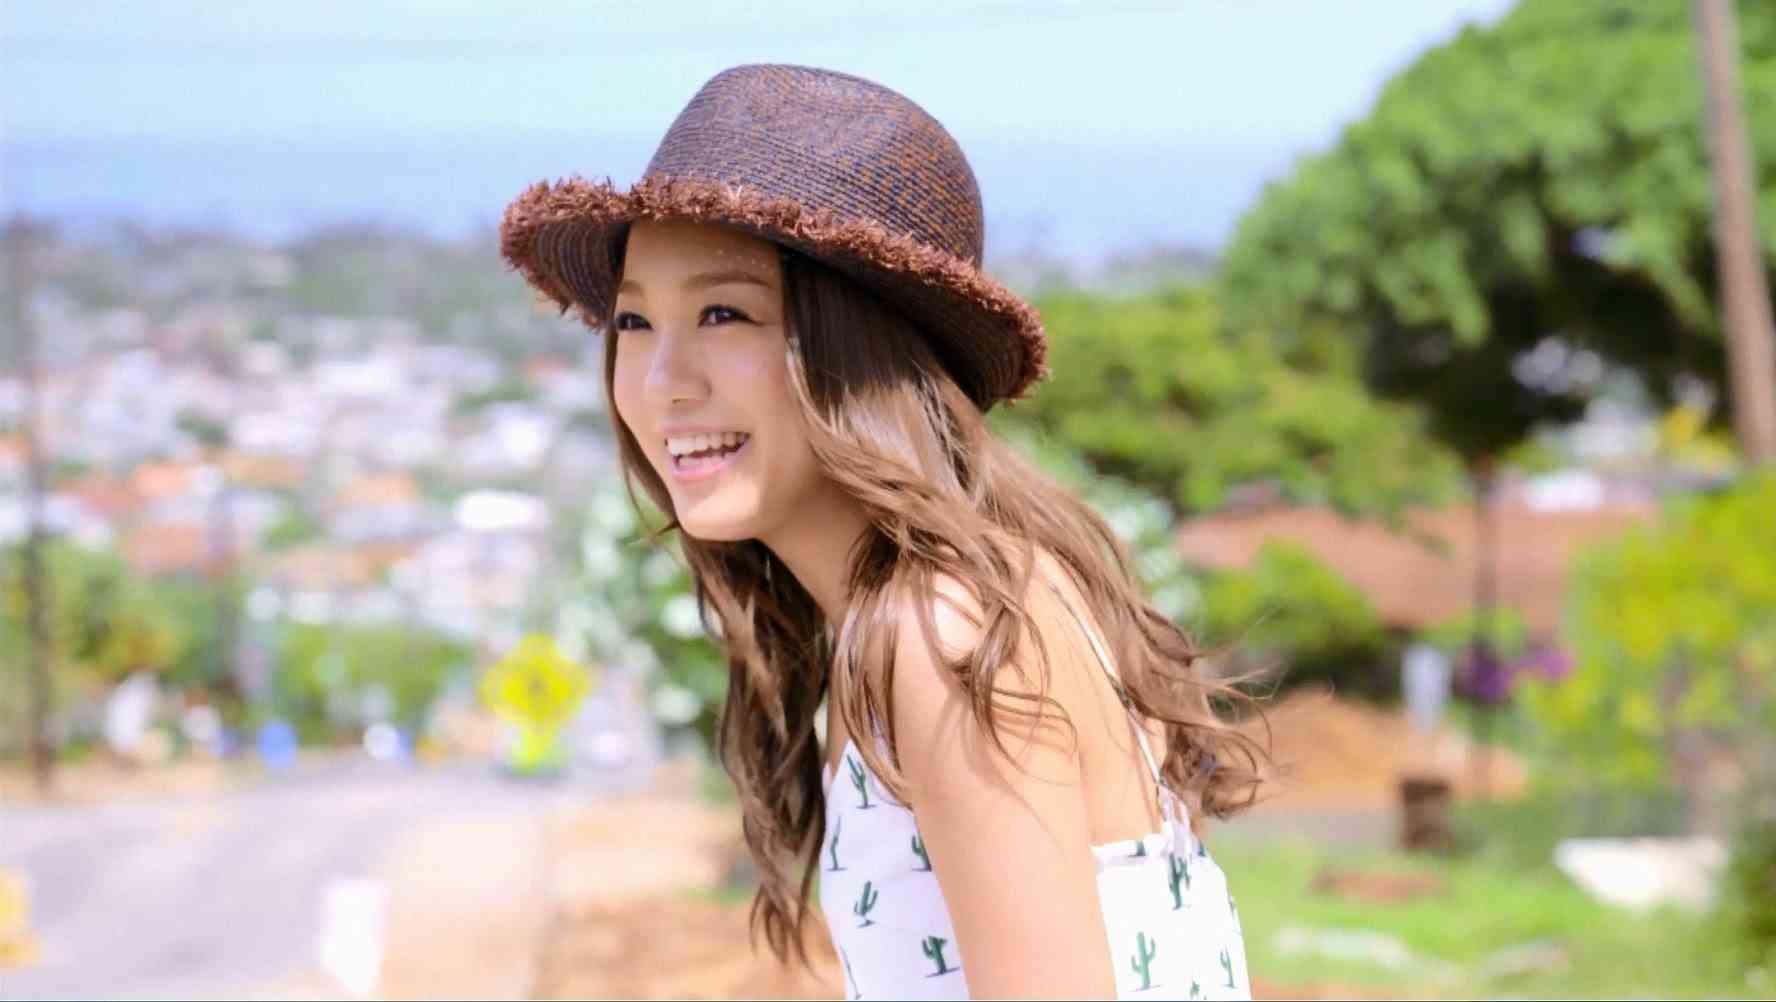 西野カナ 『Have a nice day』MV(Short Ver.) - YouTube